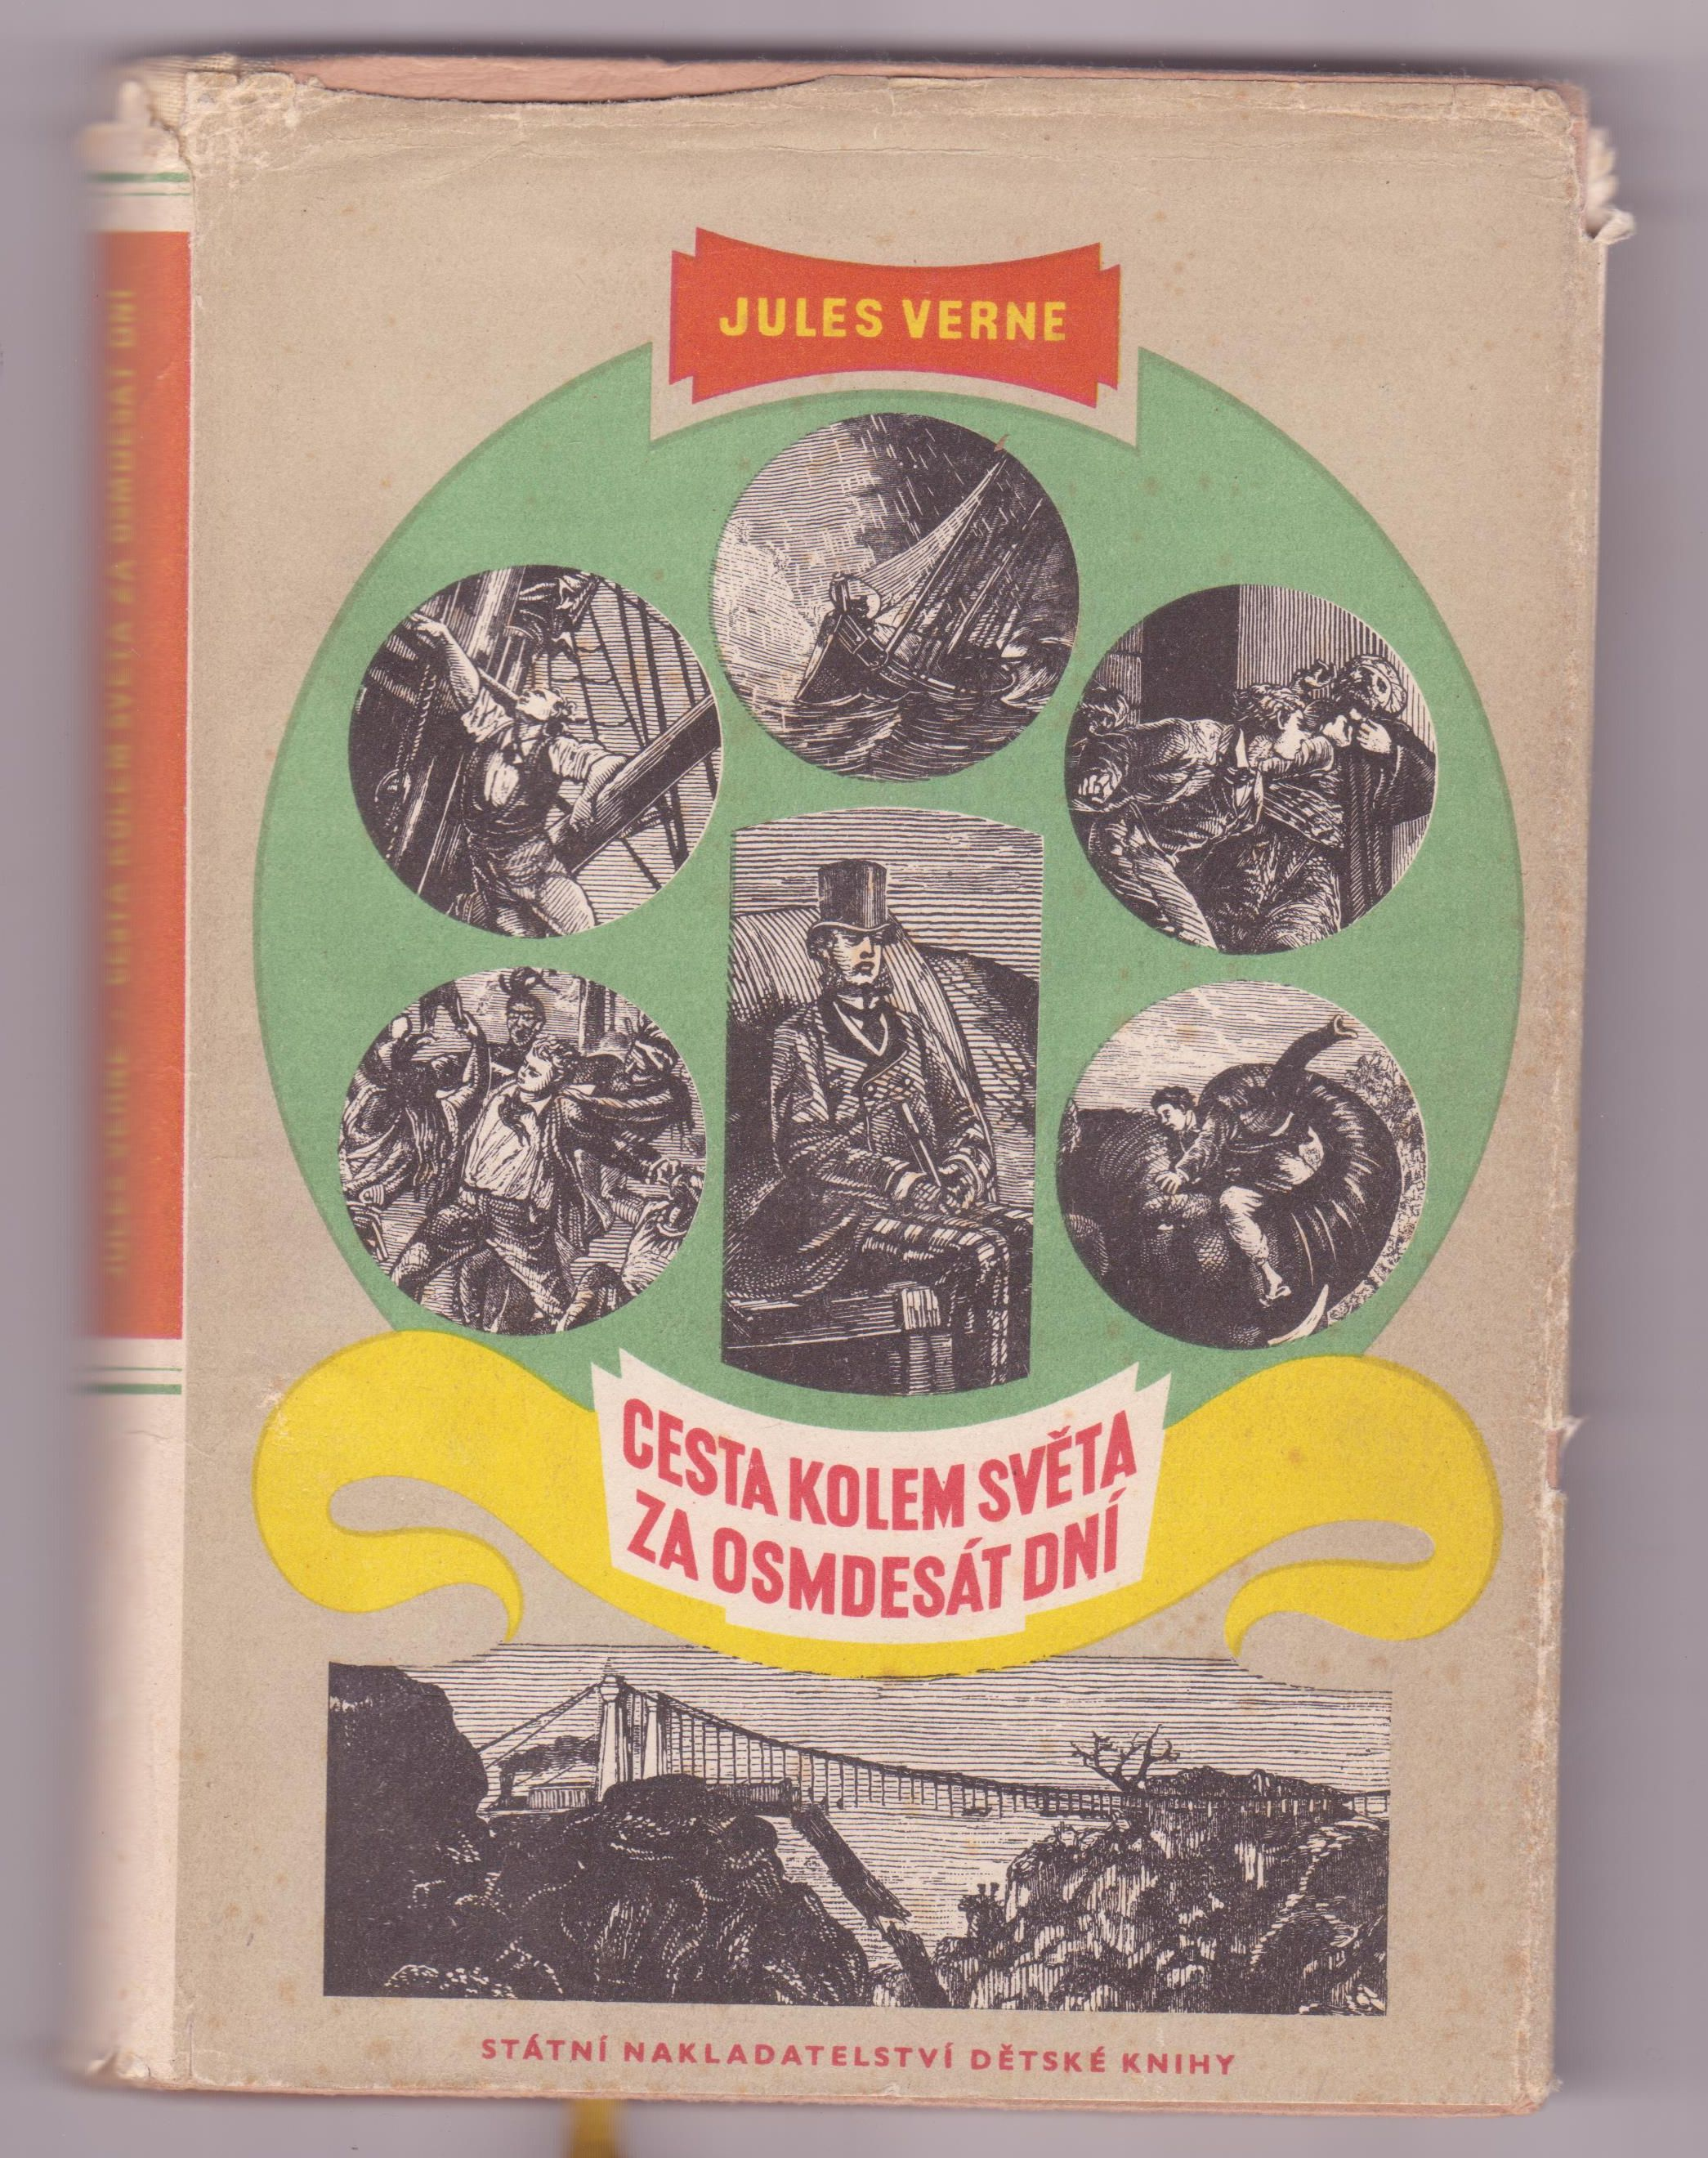 Cesta kolem světa za osmdesát dní - Jules Verne